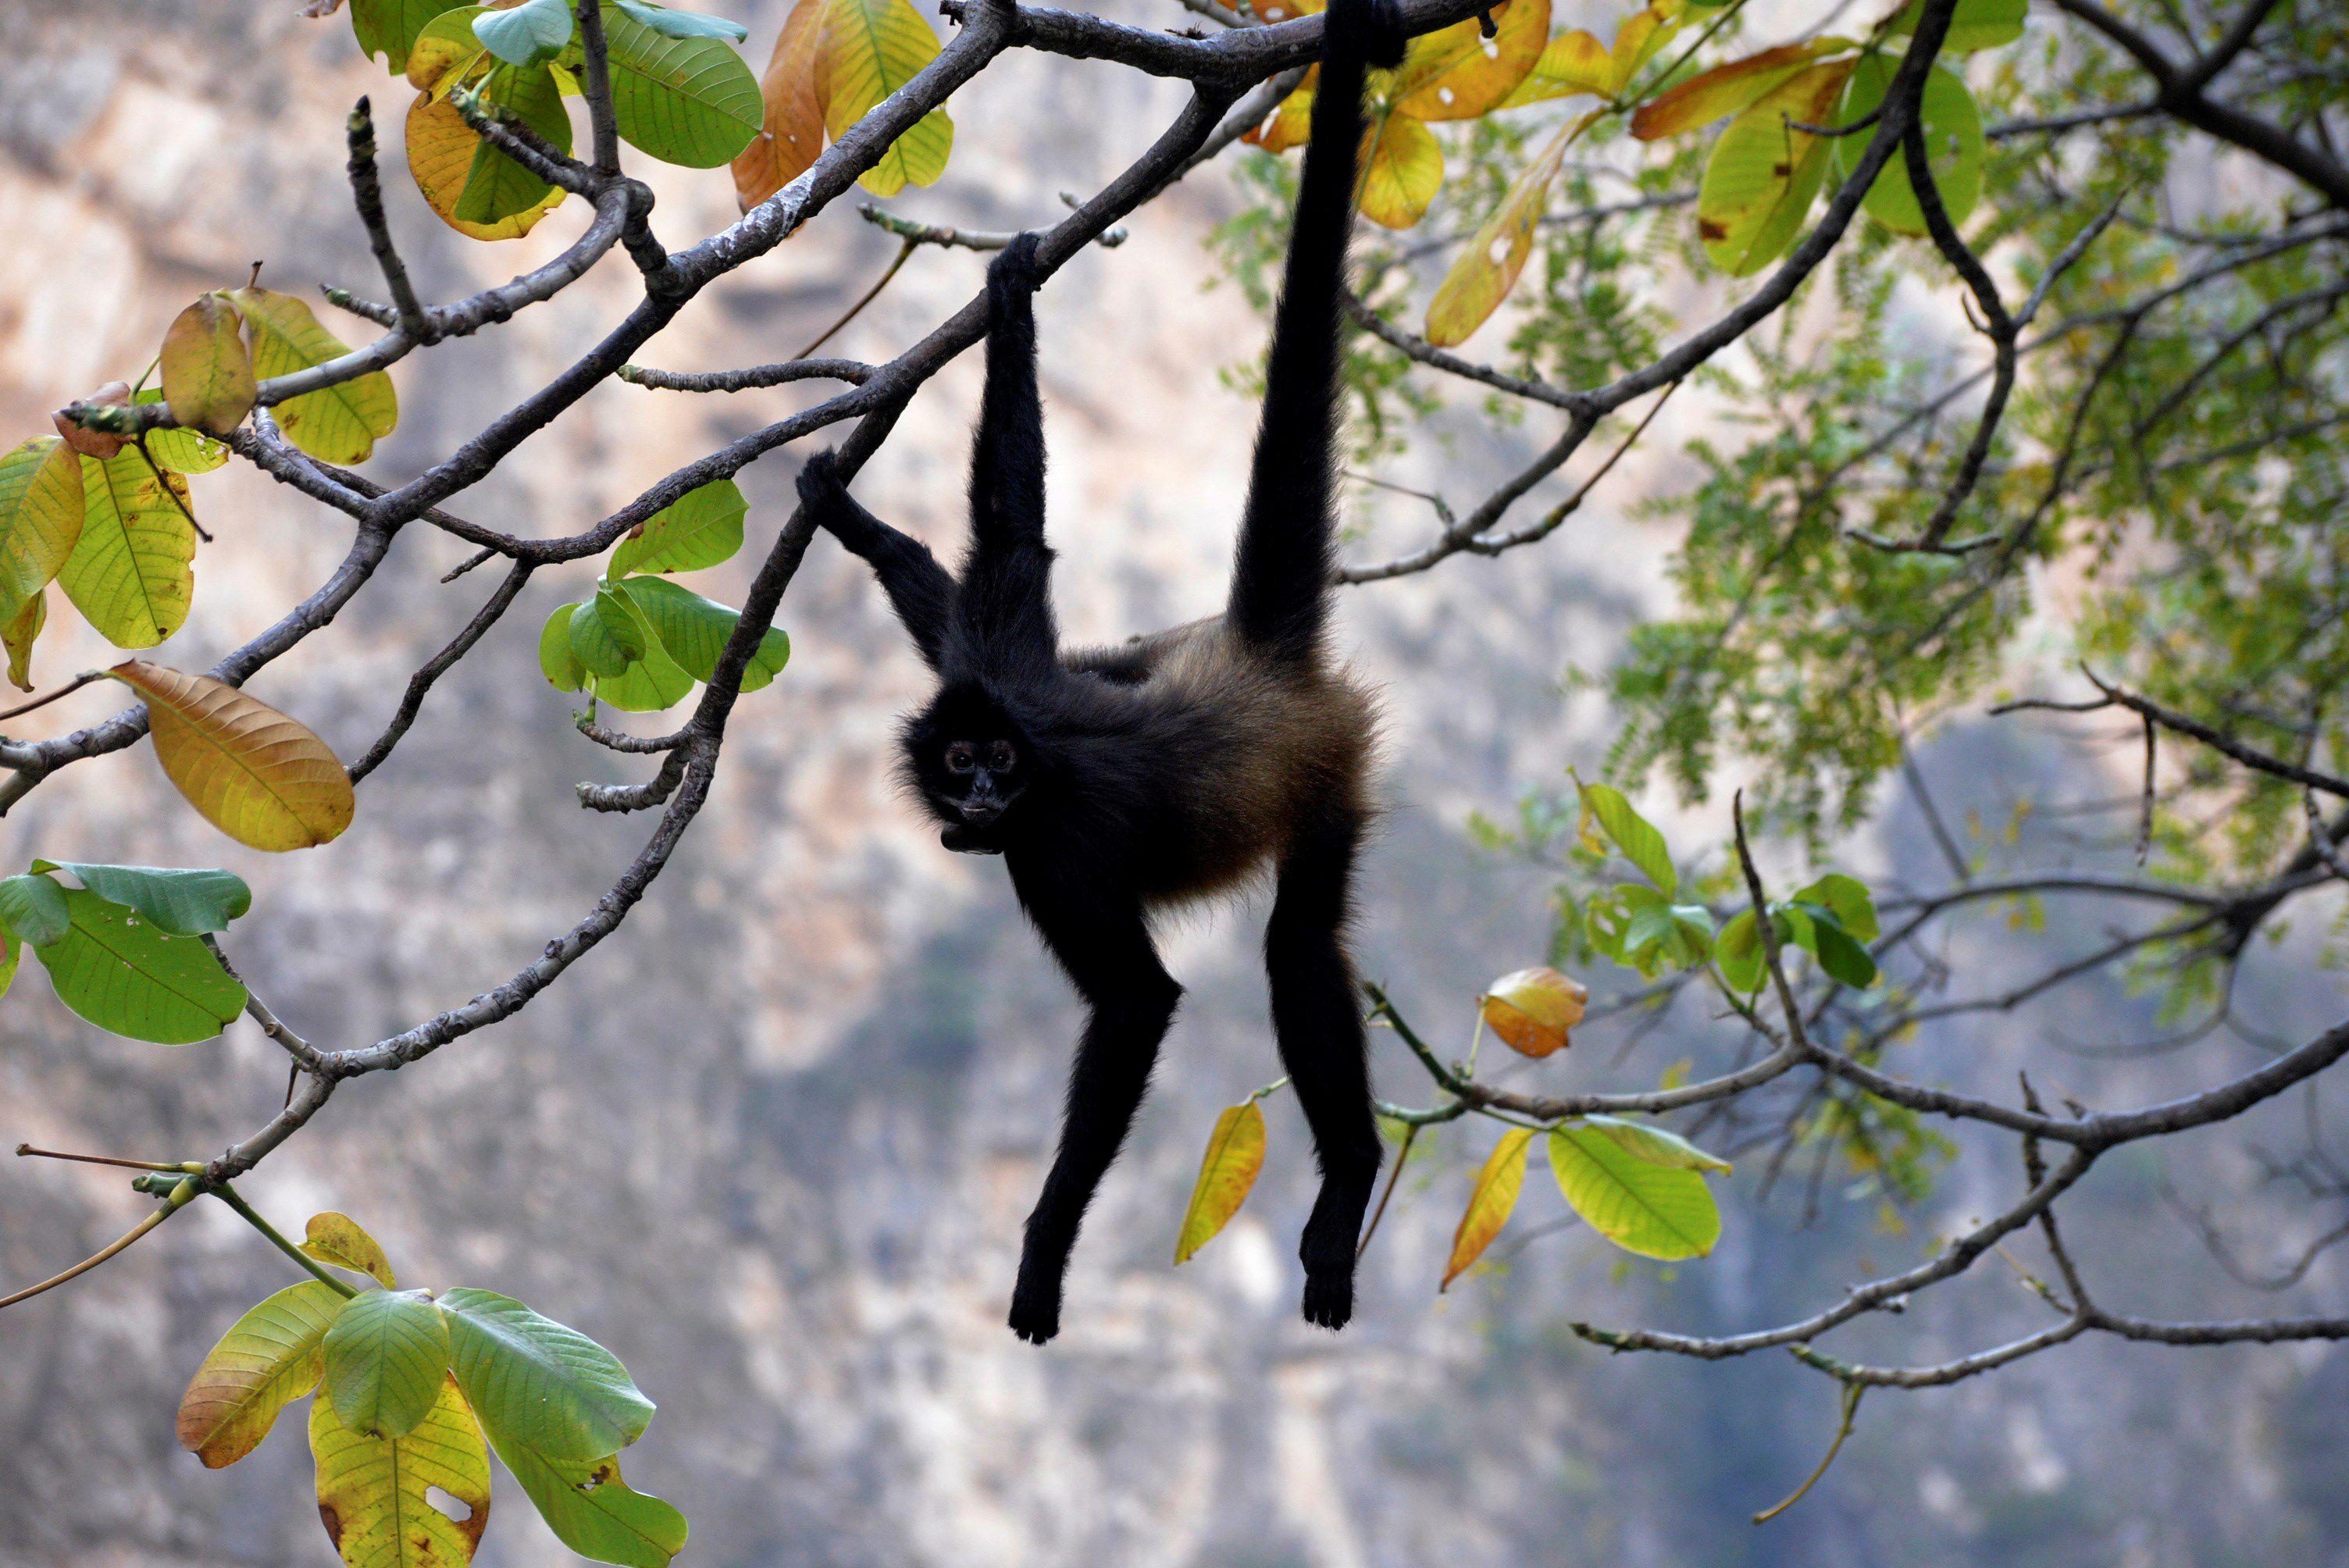 Mono araña (Foto: EFE/Archivo)